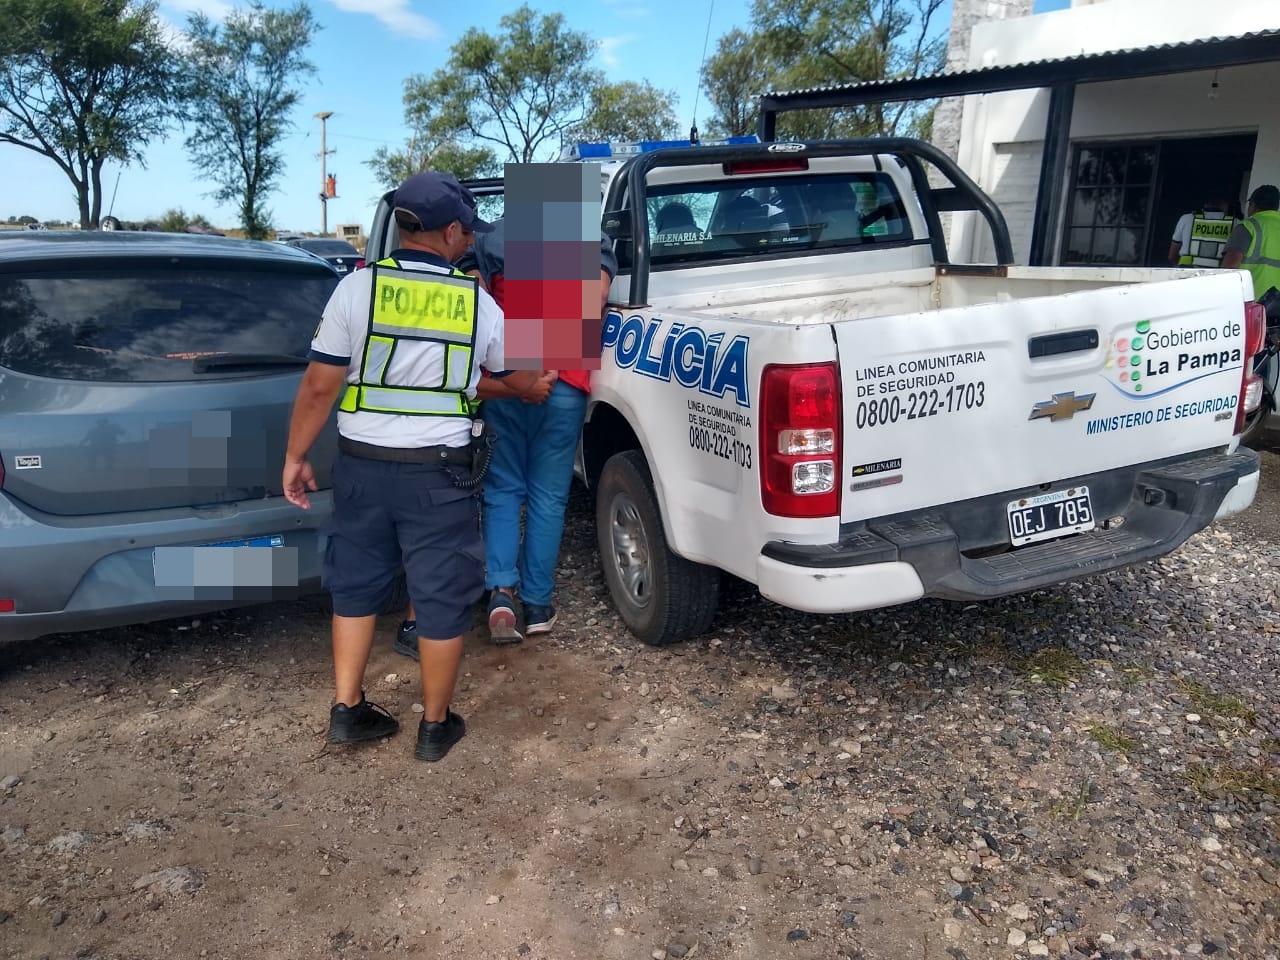 Detienen a cuatro personas oriundas de Córdoba que habrían amenazado de muerte a una familia de la localidad de Parera